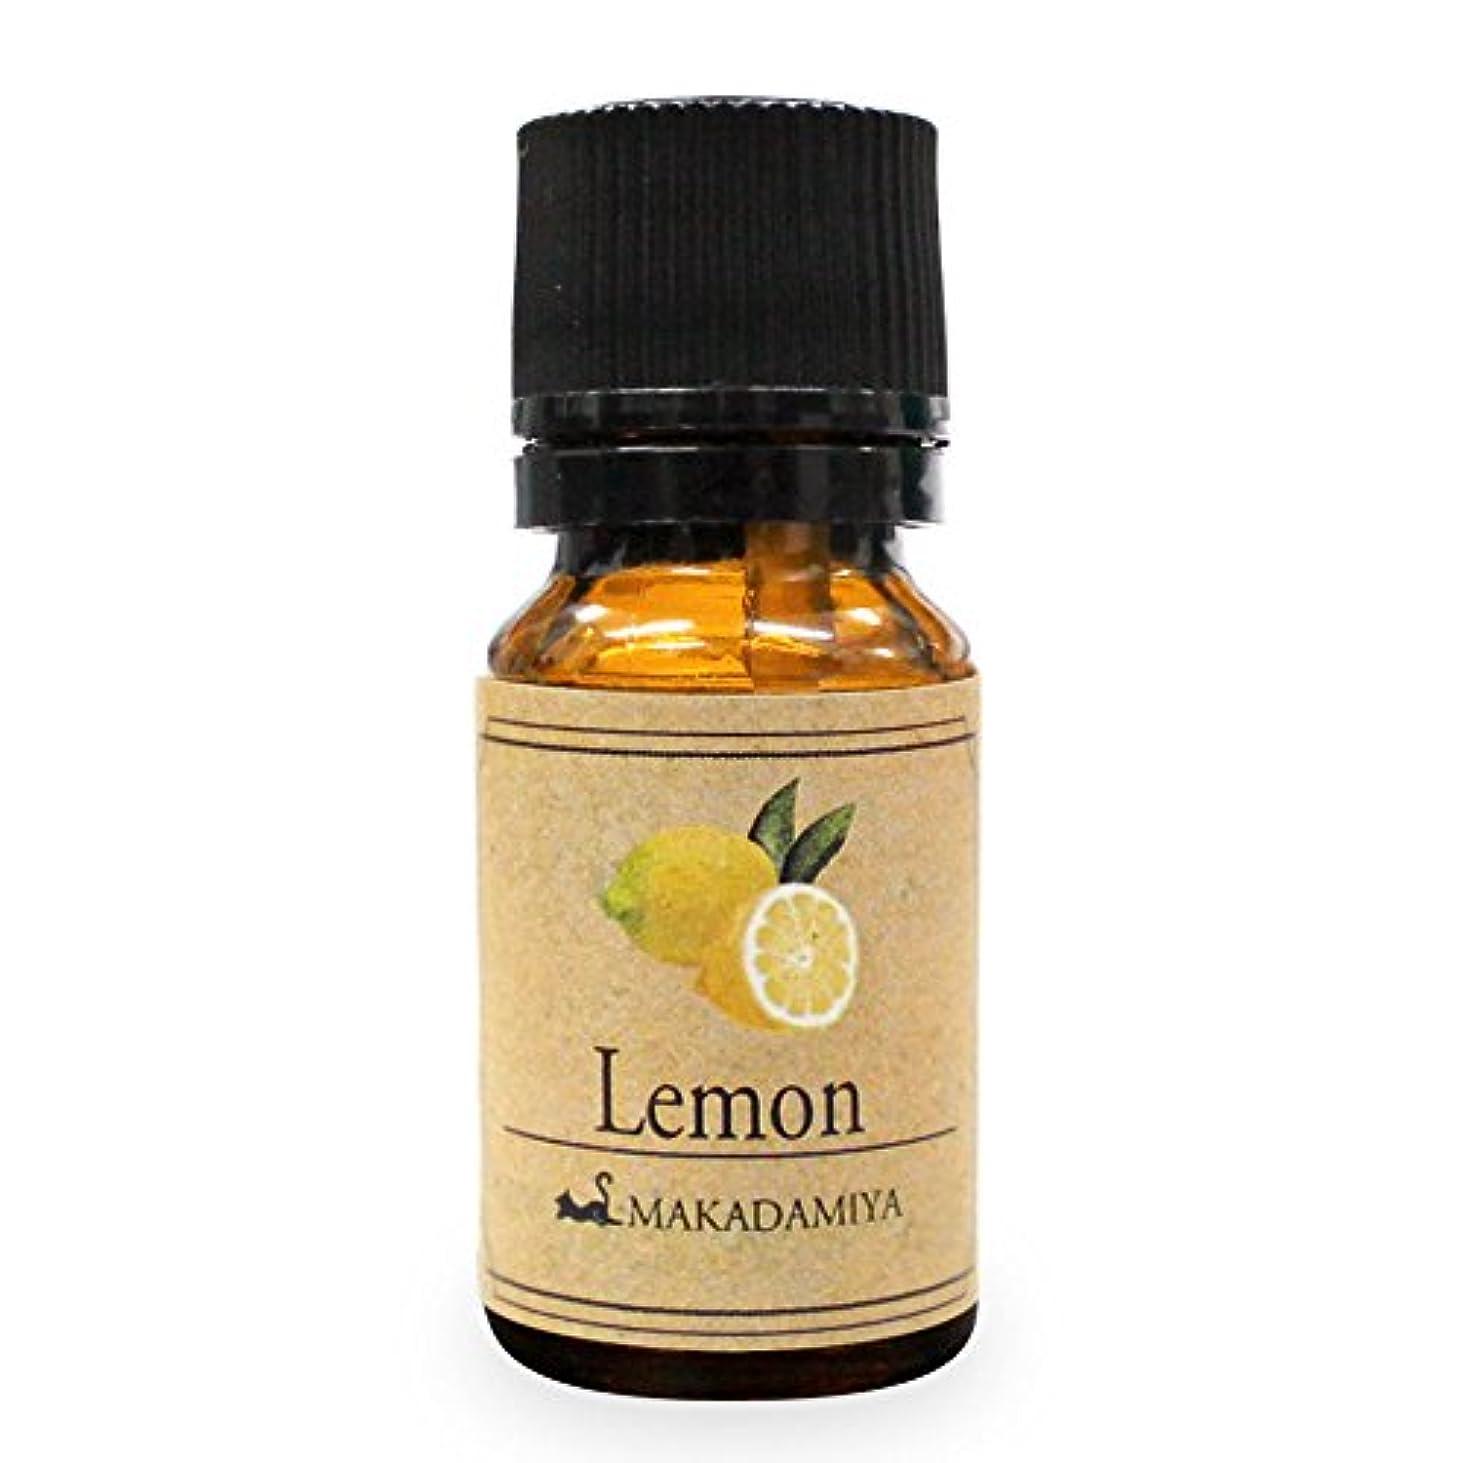 失われたテクトニック大きいレモン10ml 天然100%植物性 エッセンシャルオイル(精油) アロマオイル アロママッサージ aroma Lemon